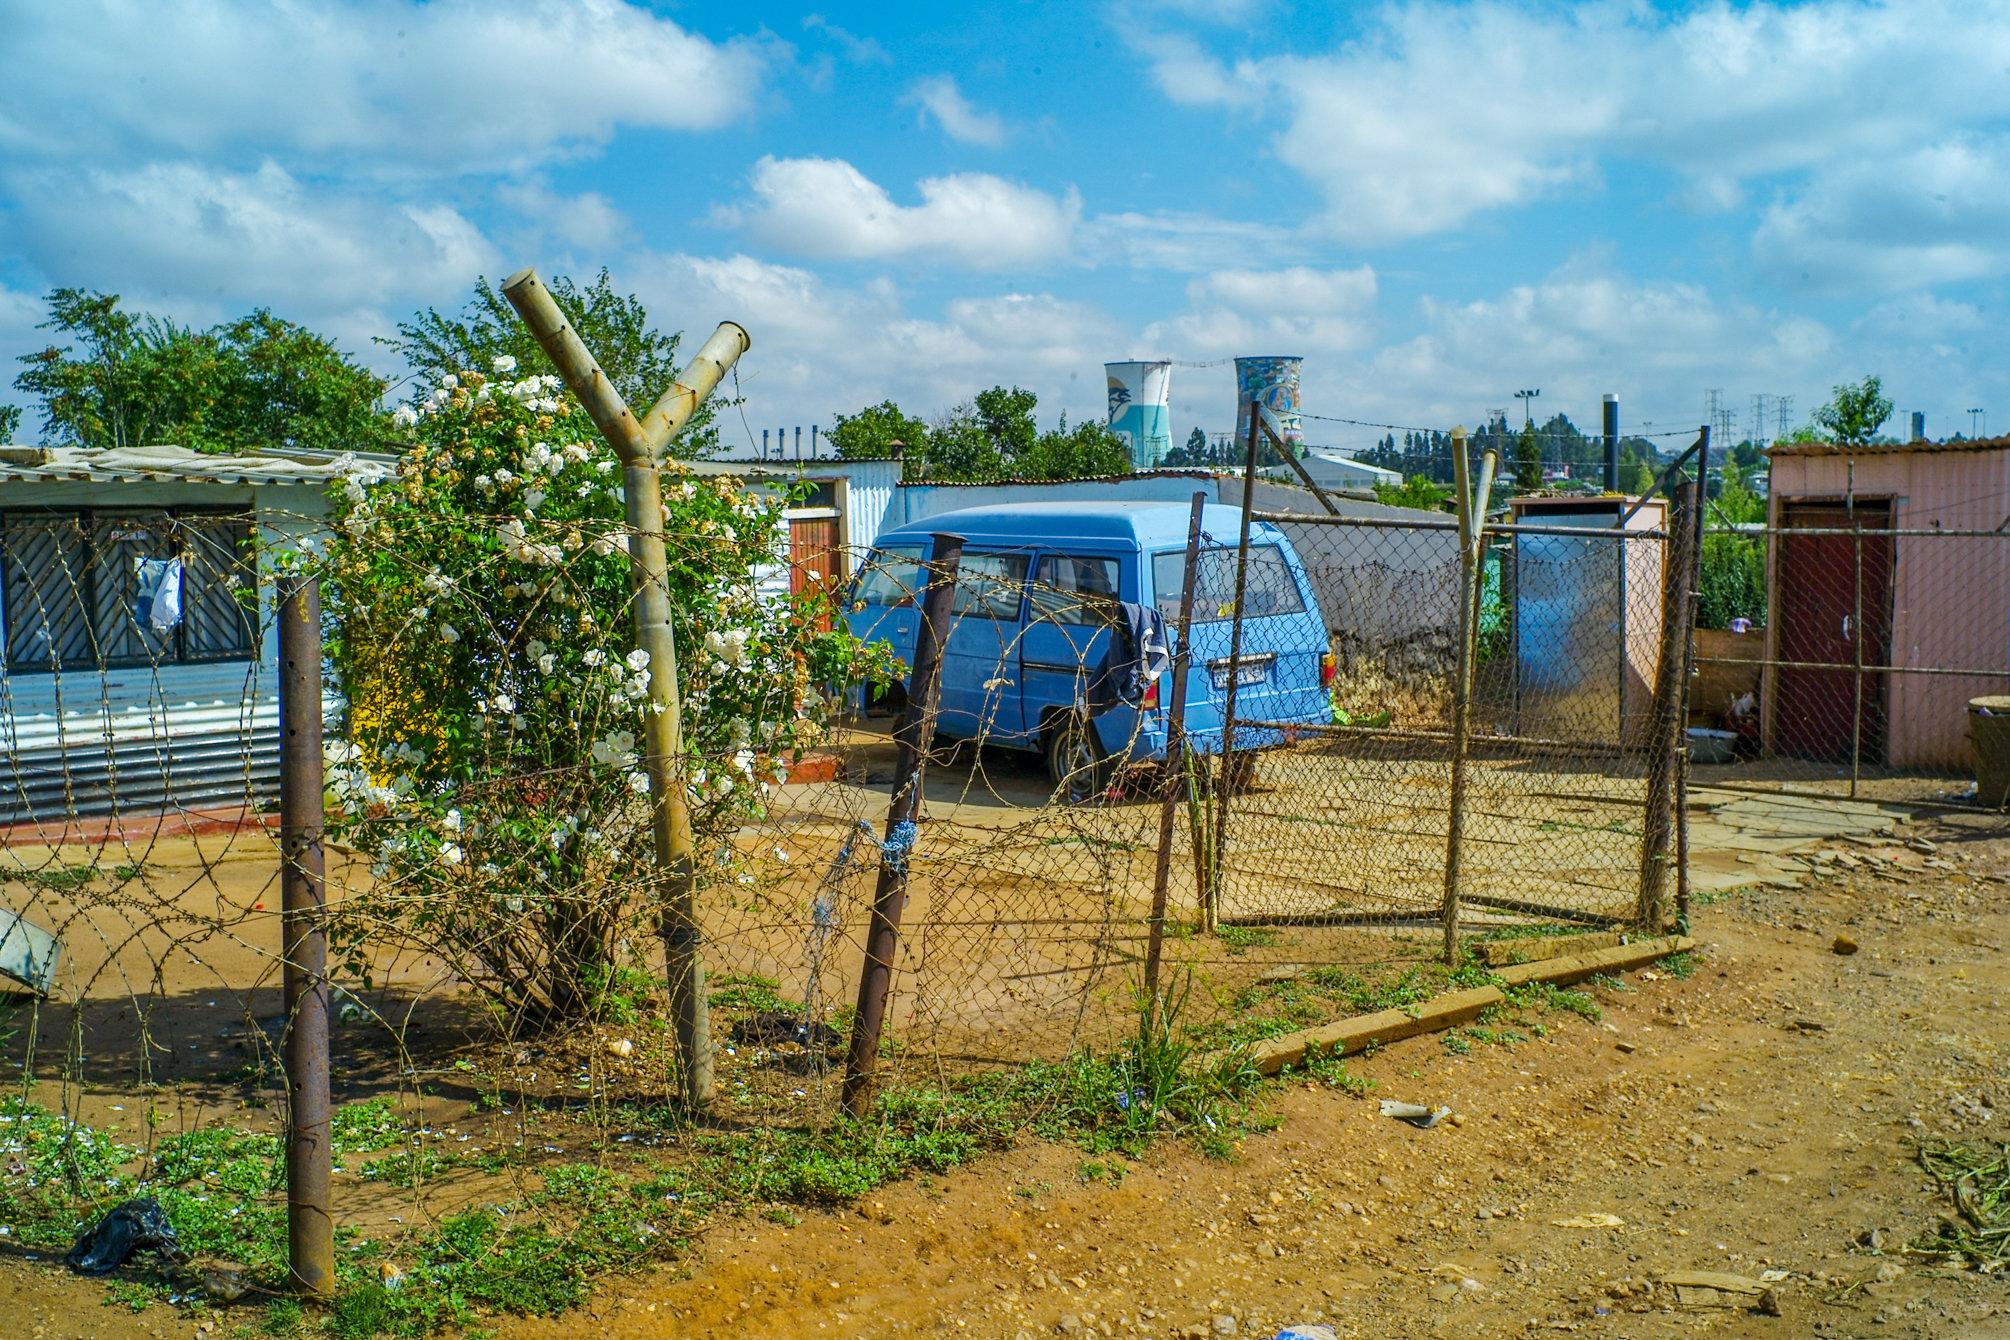 Garden_Route_Series-L1003160.jpg